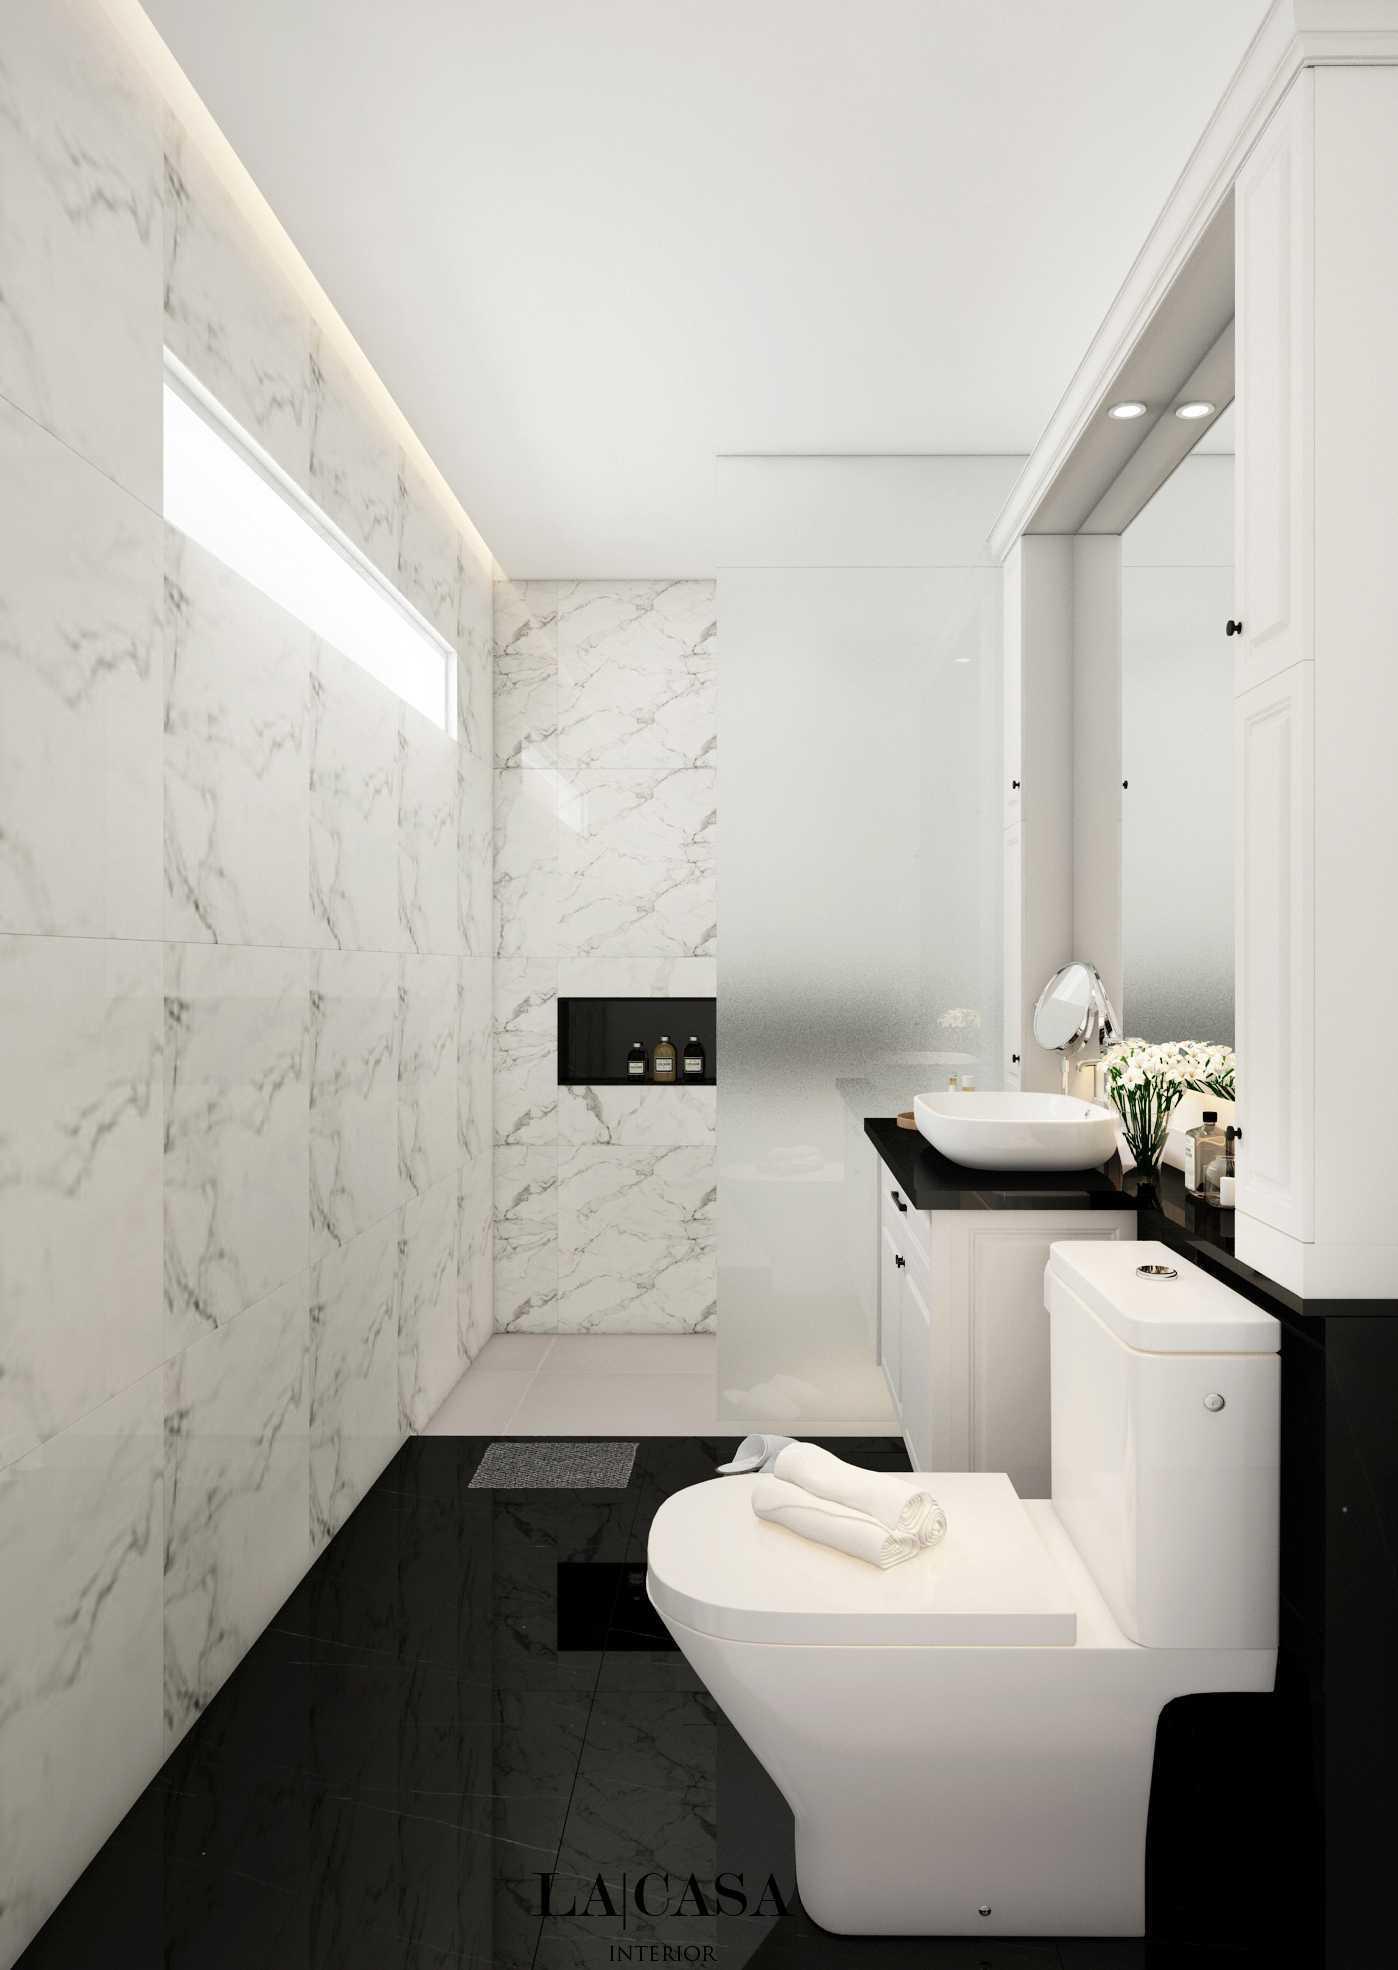 La.casa J's Bedroom Kota Medan, Sumatera Utara, Indonesia Kota Medan, Sumatera Utara, Indonesia Bathroom Victorian,modern  38252